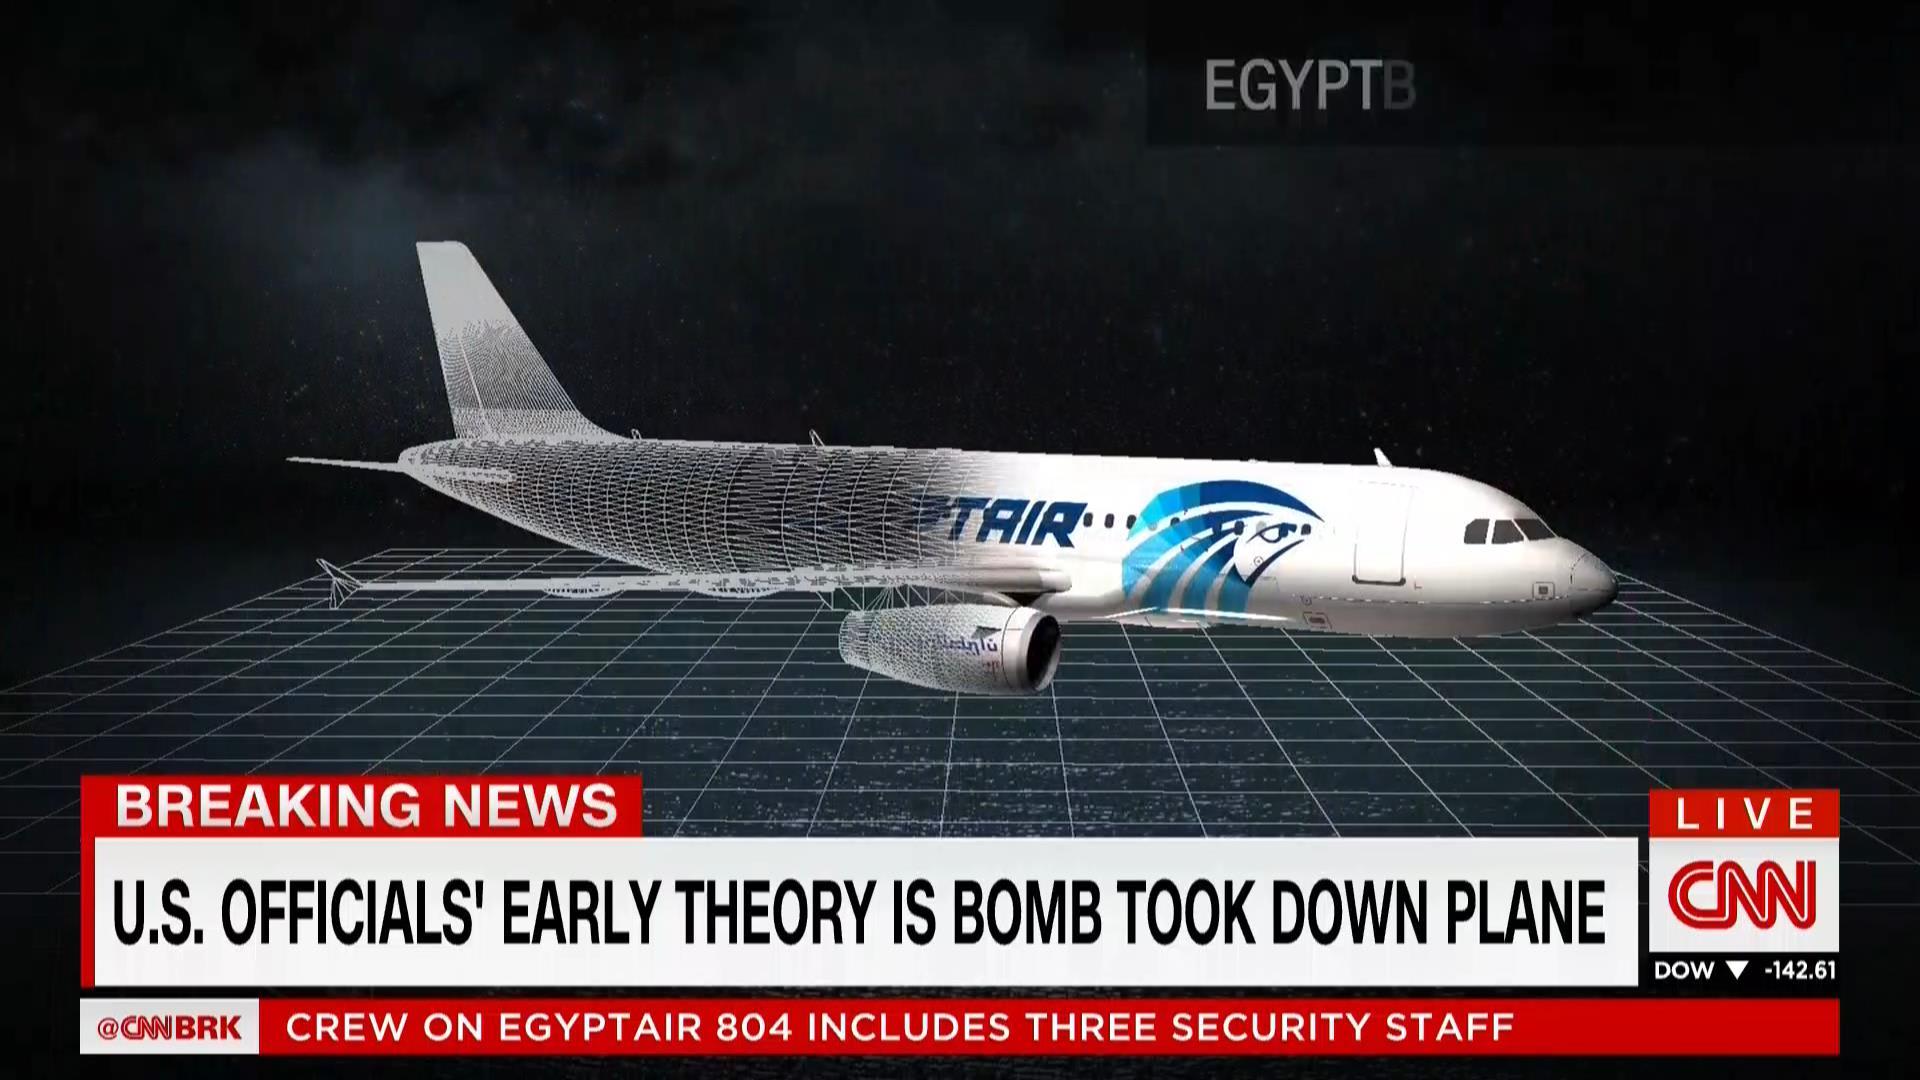 """هل تحطم الطائرة المصرية إرهاب؟ ويس لـCNN: داعش تبنى إسقاط """"ميتروجيت"""" بعد 4 ساعات.. وإن كان الفاعل فهذا ما يعنيه ذلك"""